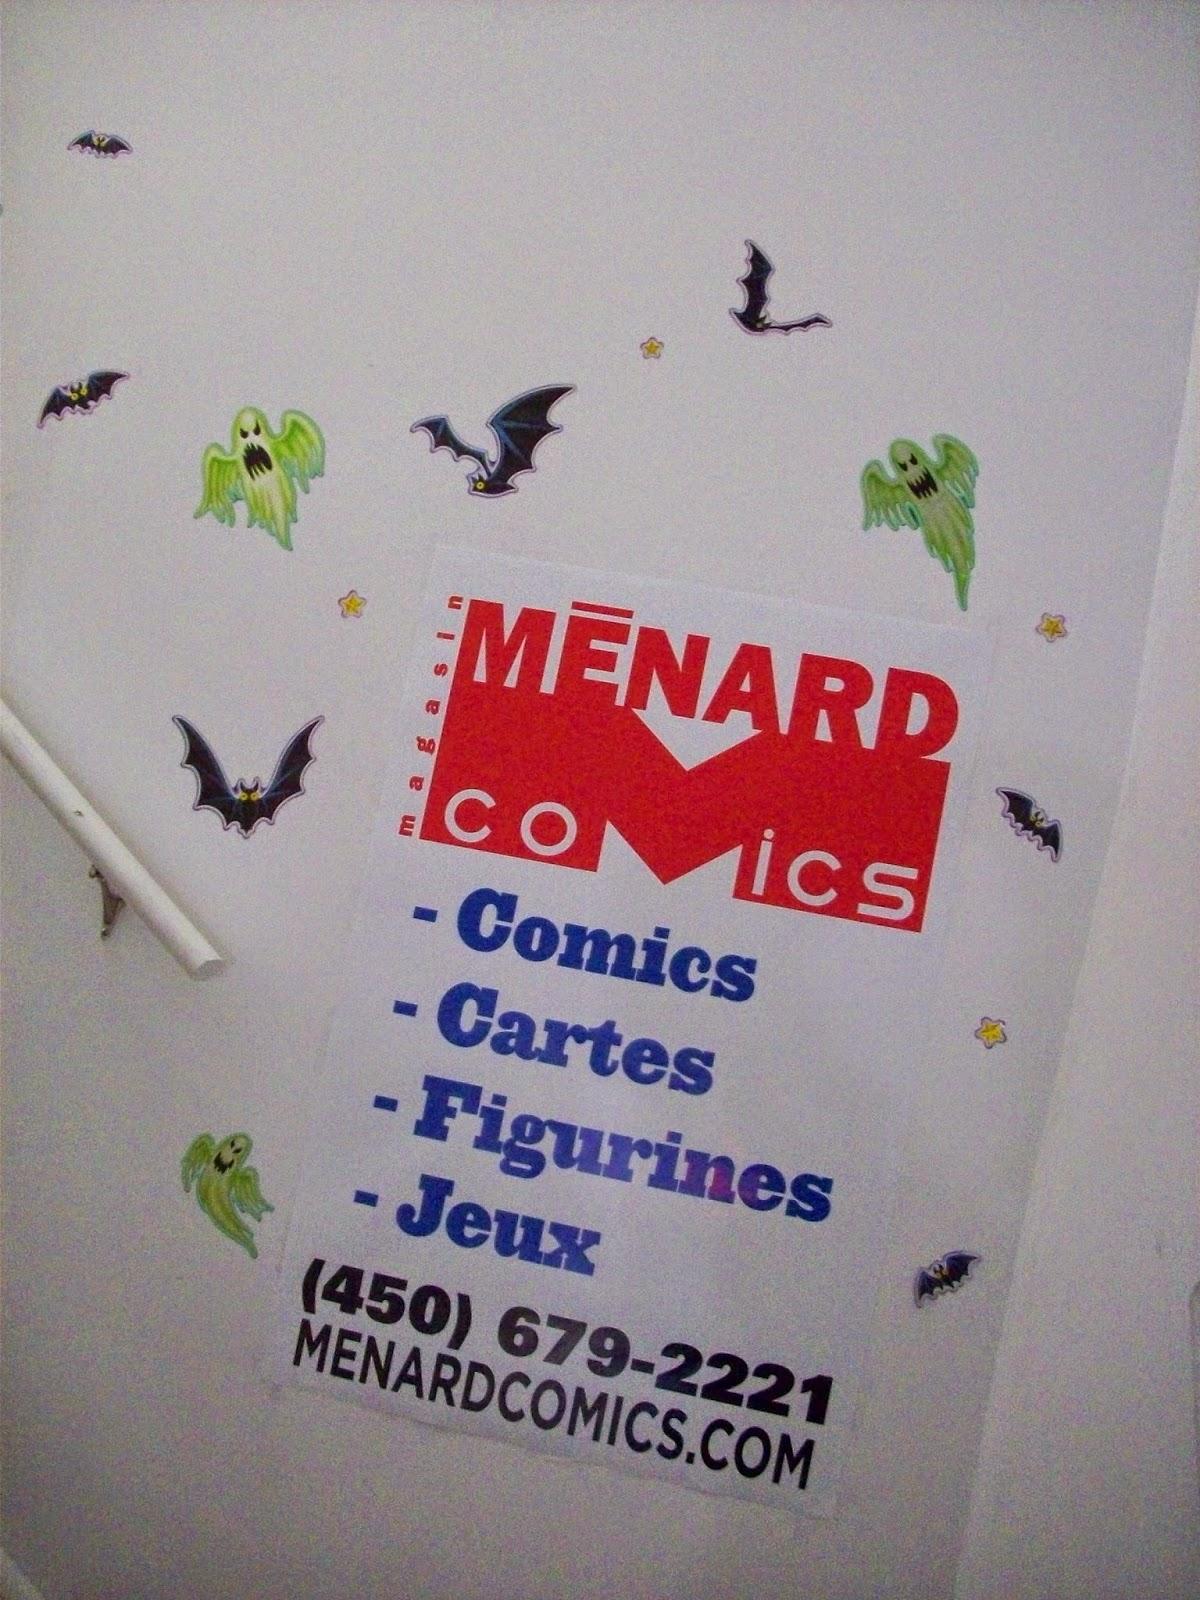 menard comics